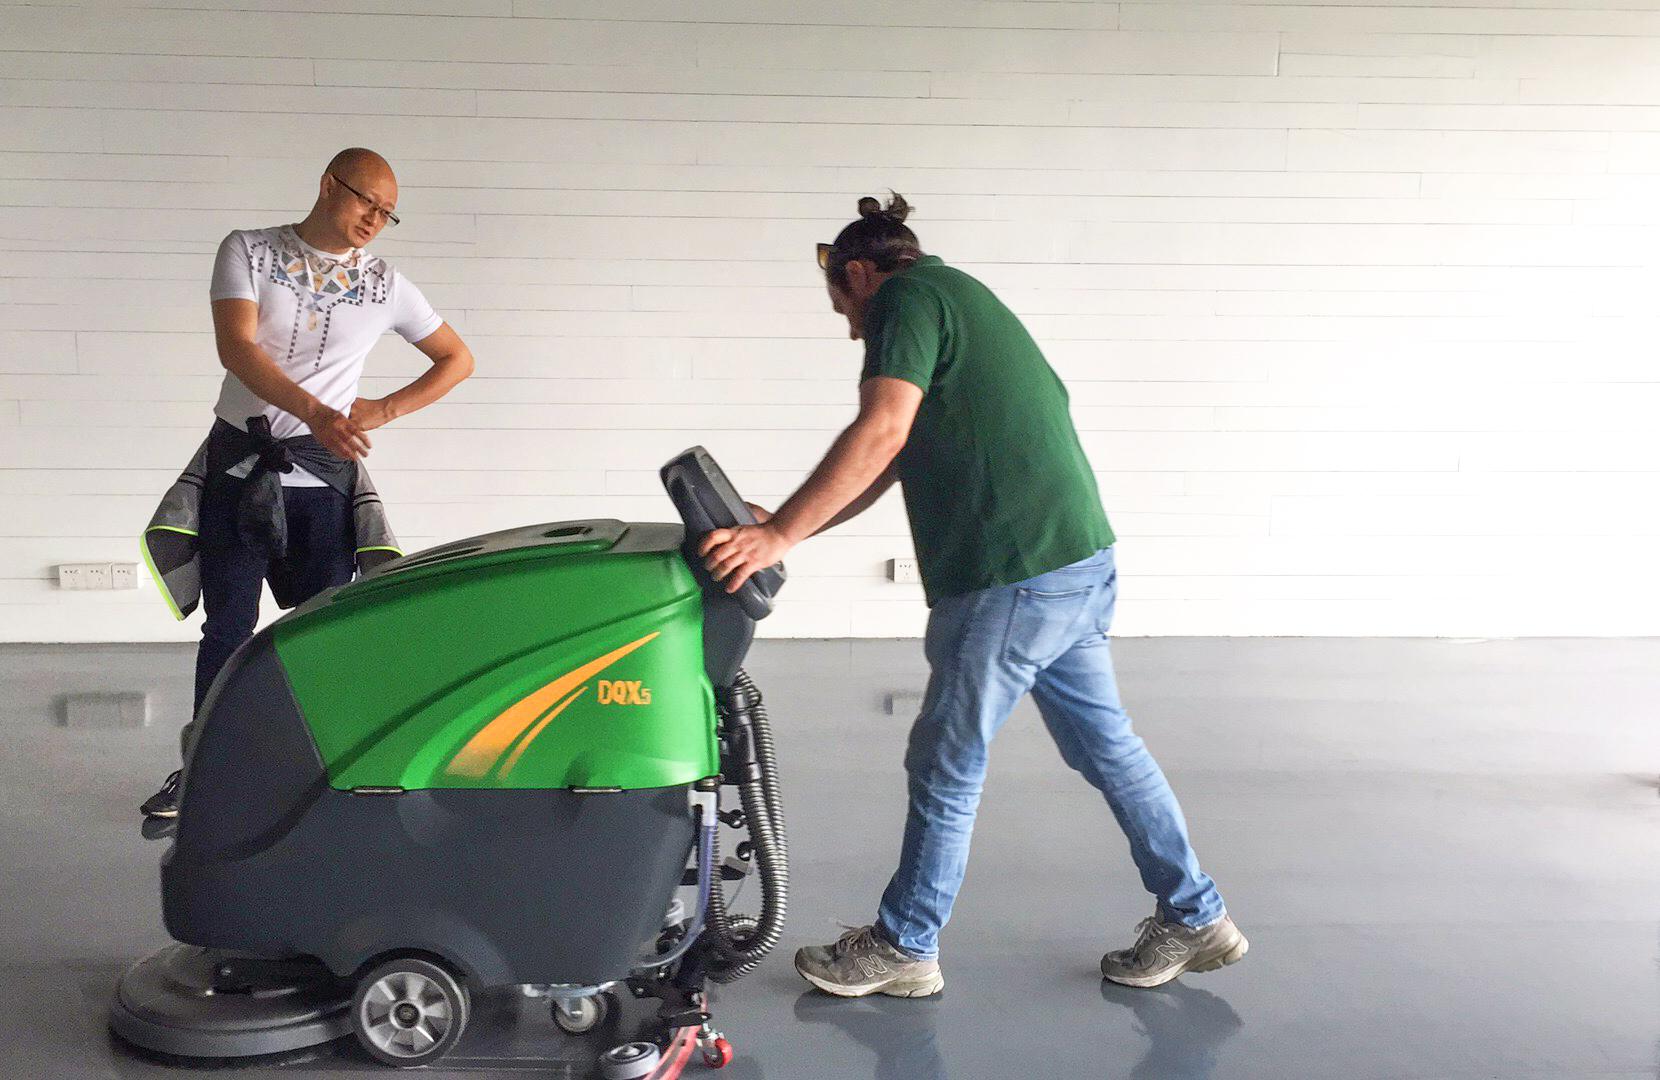 佛山市***洗水公司订购玛尔西DQX5W全自动洗地机案例